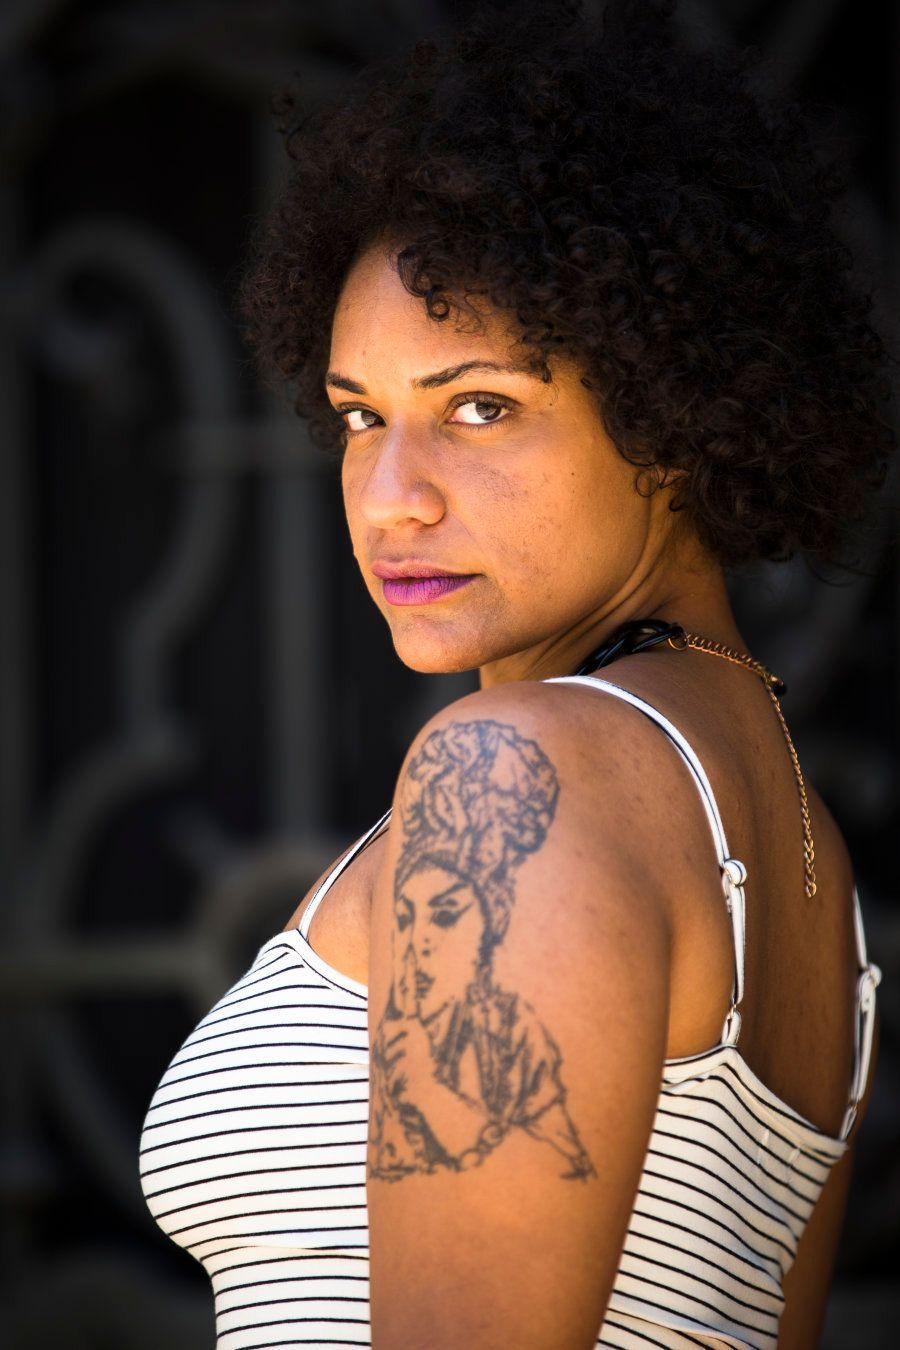 A tatuagem que leva no braço esquerdo é reflexo do amor antigo que sente pela